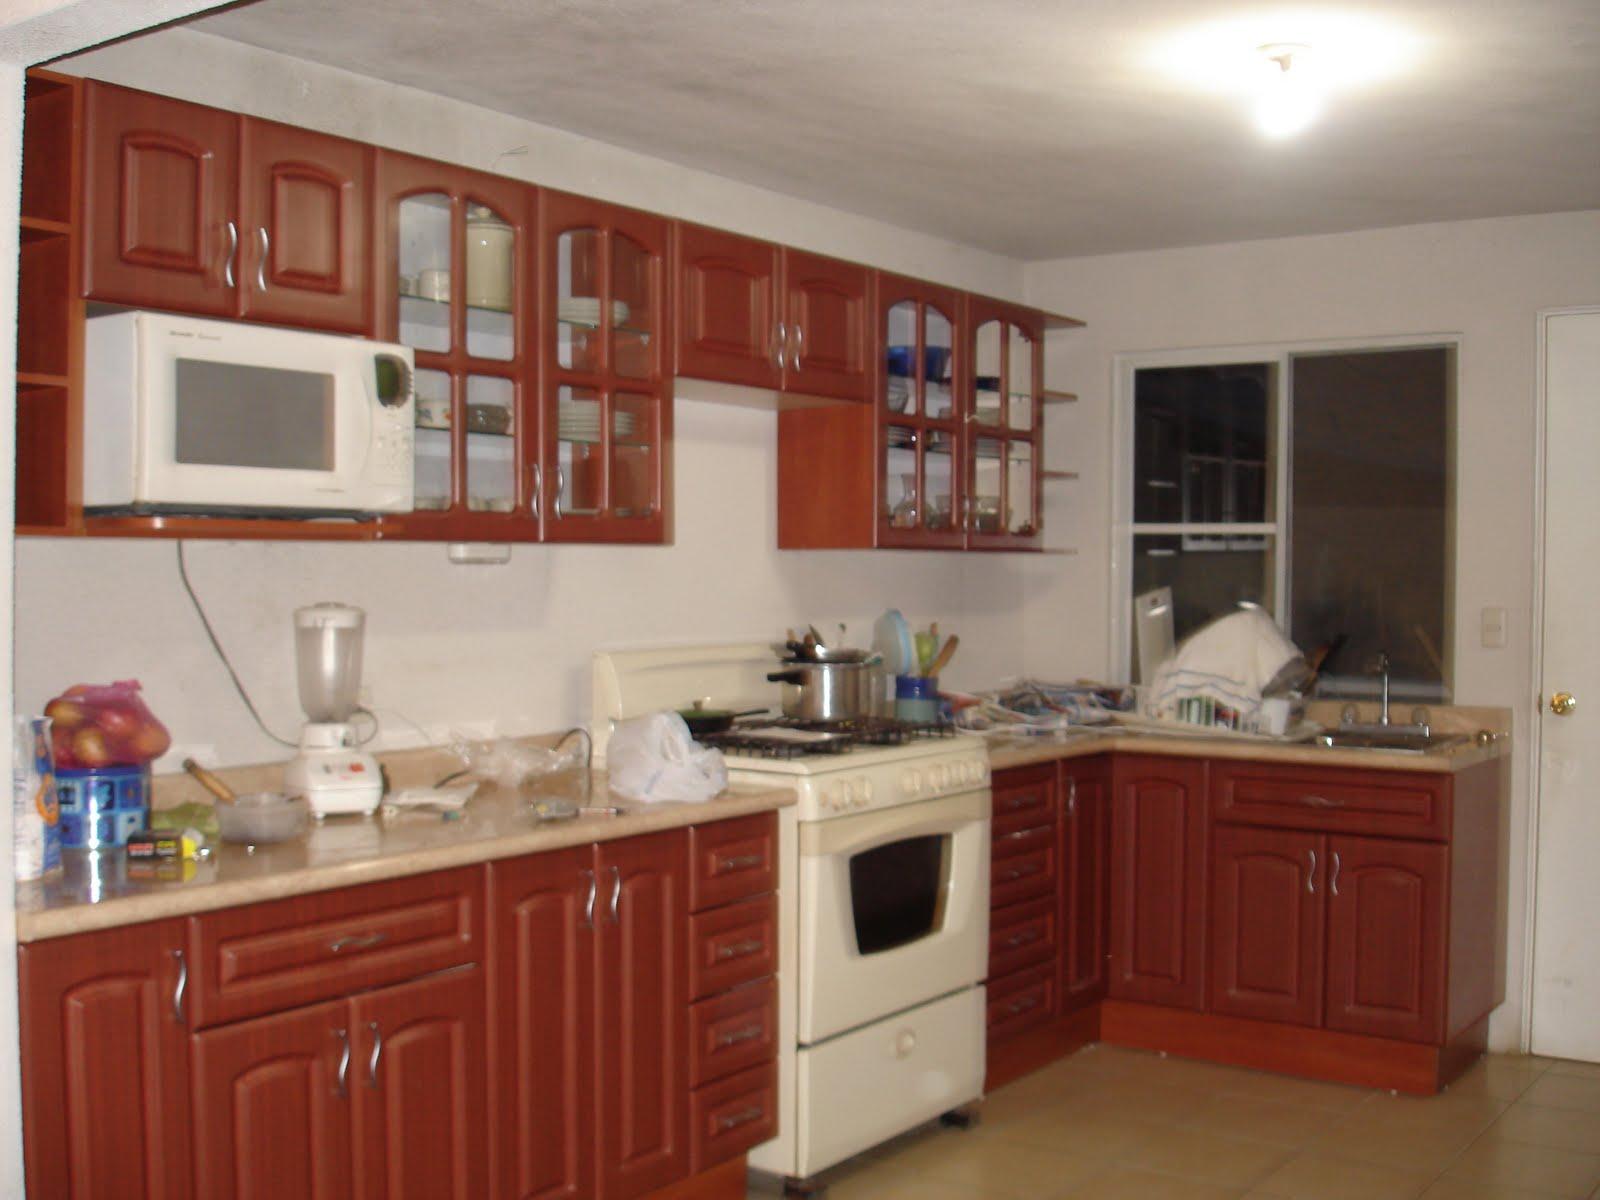 Gabinetes de cocina - Puertas de casa ...